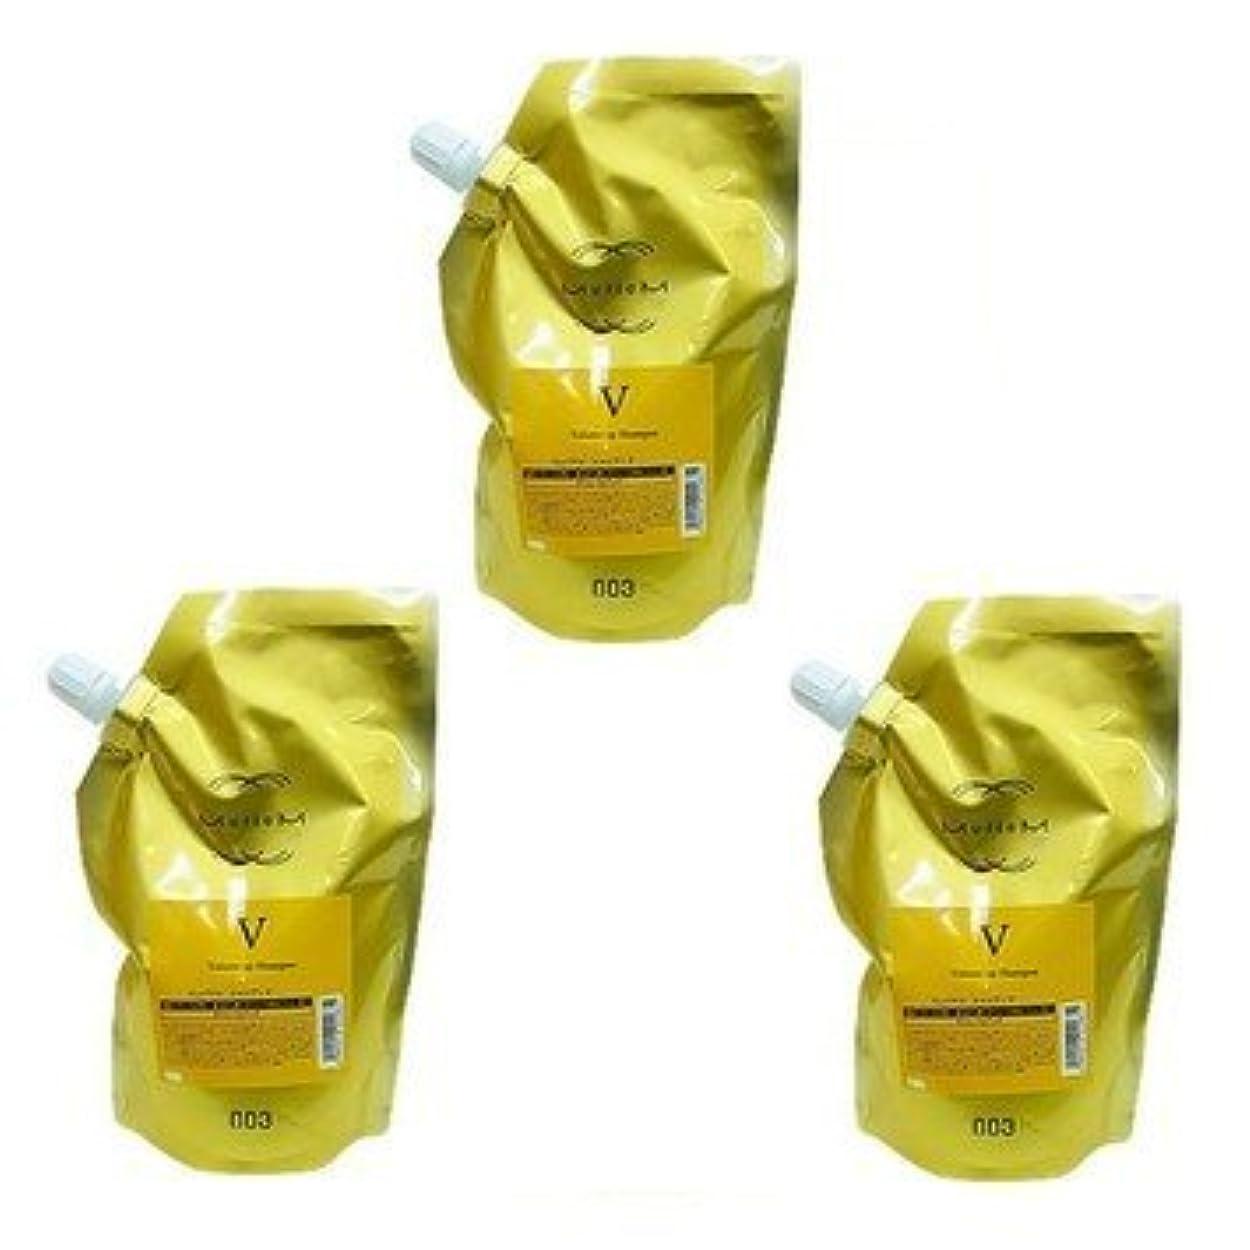 ハイキング初期急速な【X3個セット】 ナンバースリー ミュリアム ゴールド シャンプー V 500ml 詰替え用